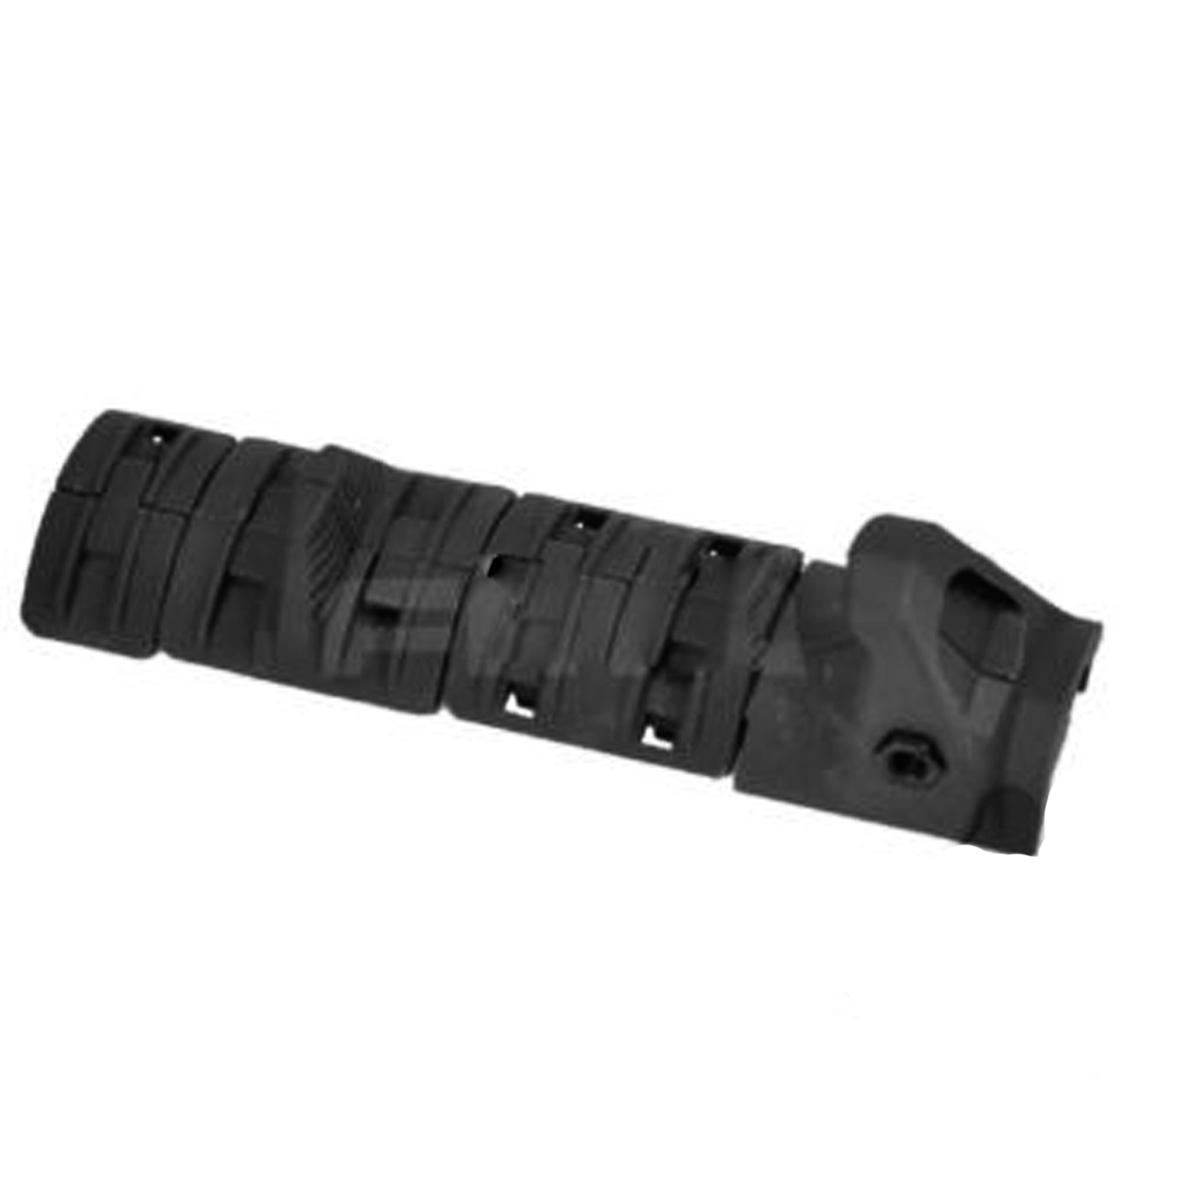 Protetor de Mão FMA TB969 para Trilho Ris - Preto